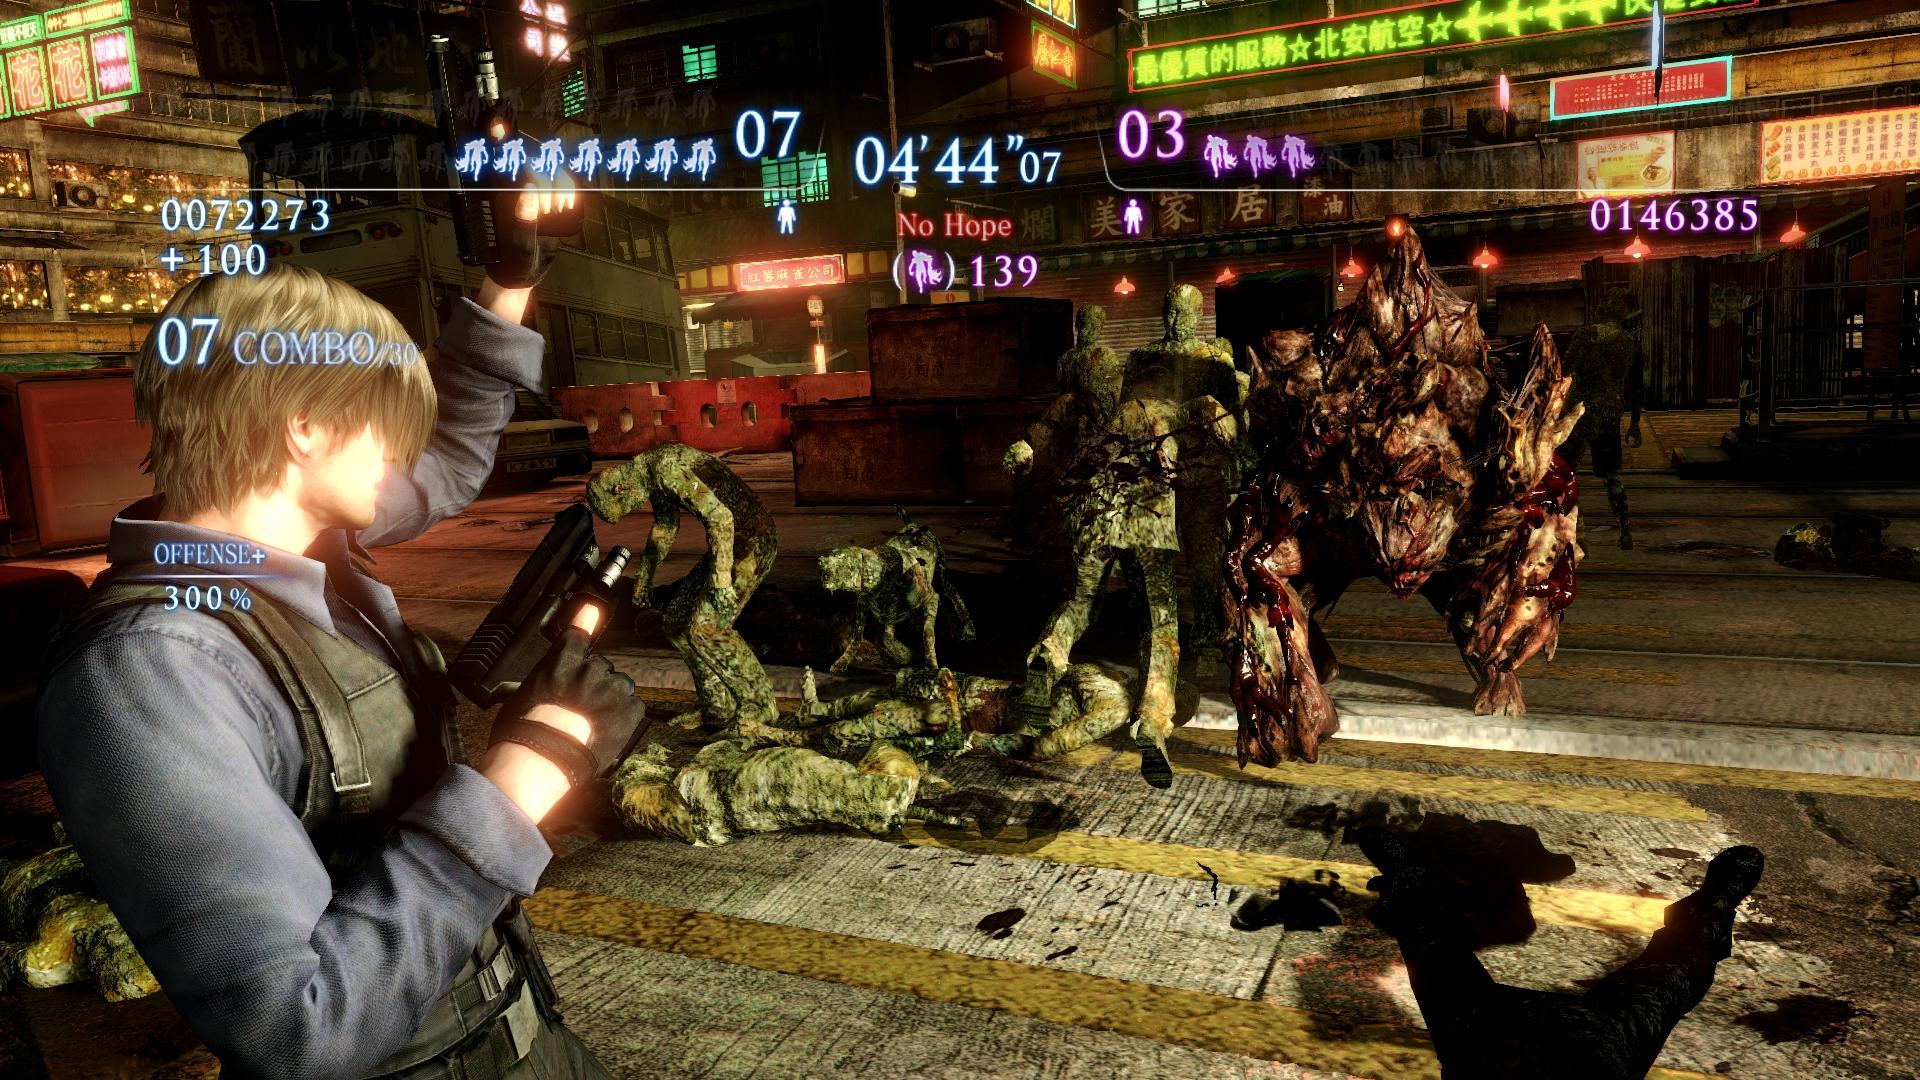 Виртуальные игровые автоматы resident evil уголовное ответственость за игровые автоматы 2015 года